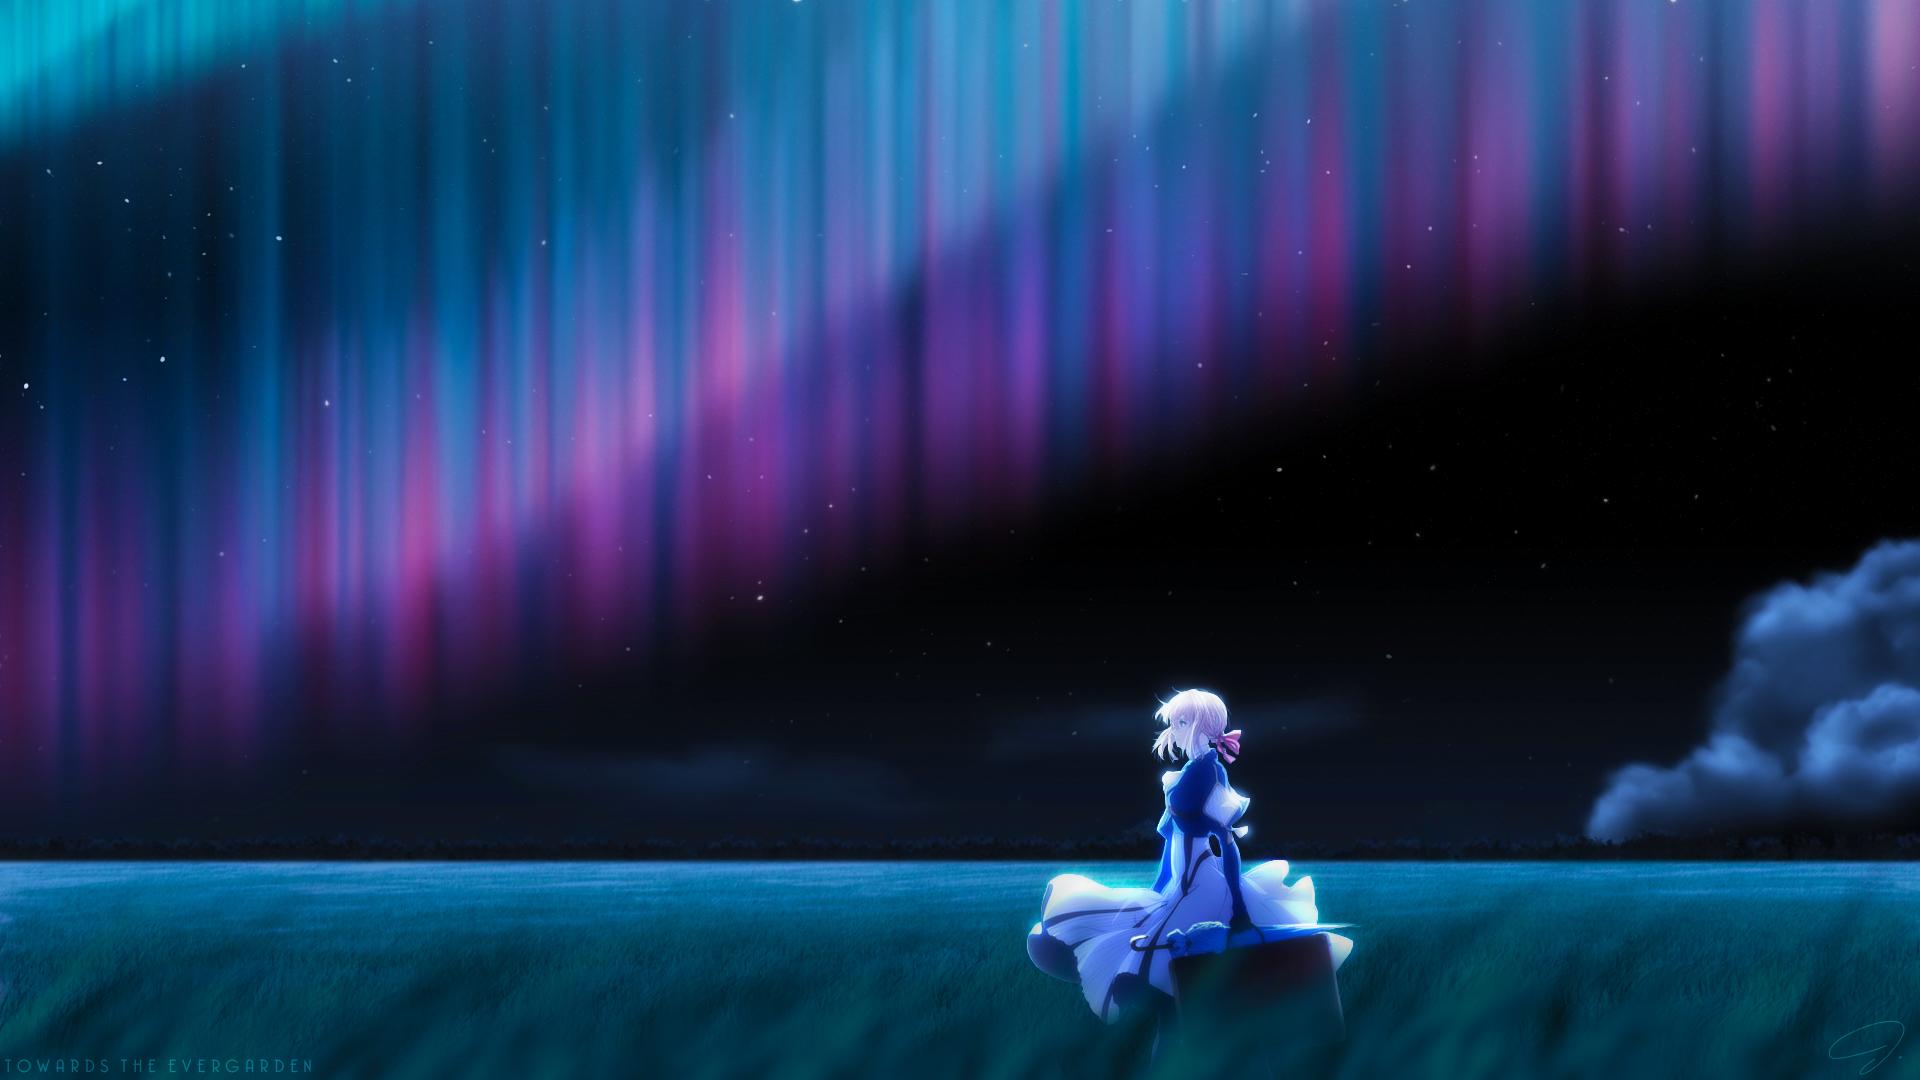 Wallpaper : Anime Girls, Violet Evergarden, Short Hair